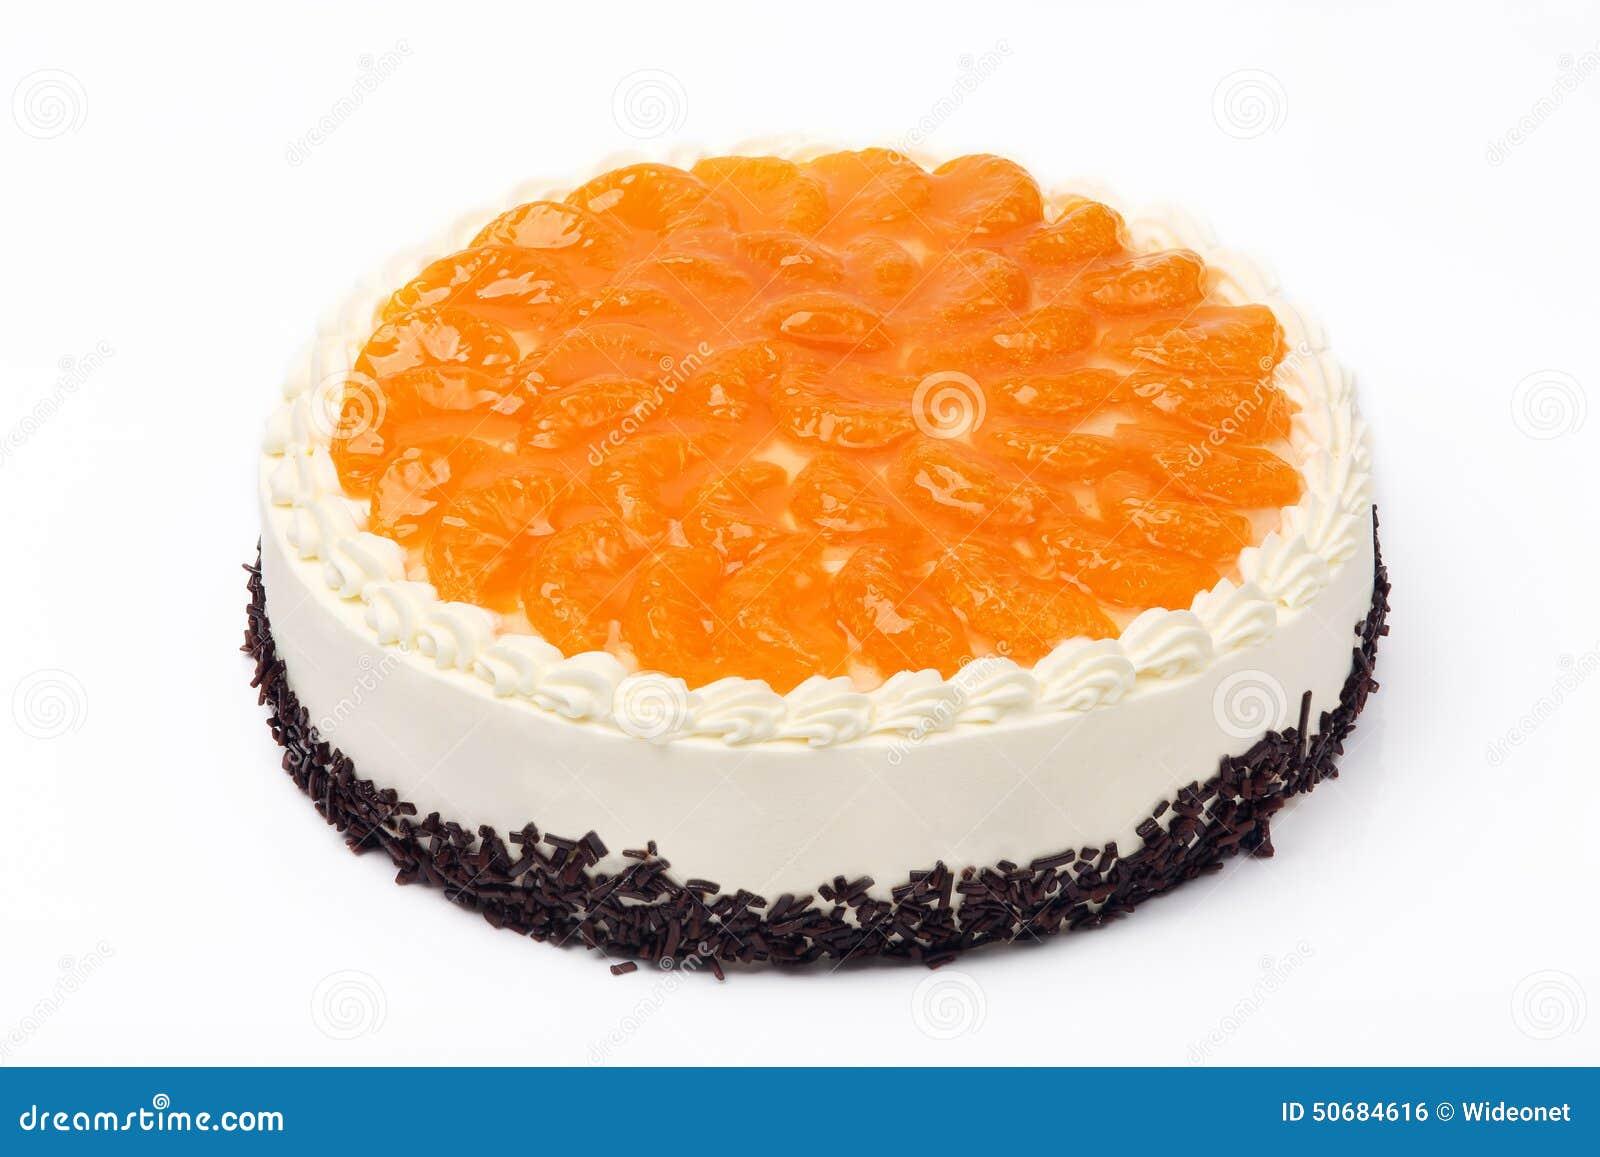 Download 奶油色蛋糕用在白色背景的普通话 库存照片. 图片 包括有 美食, 外壳, 点心, 烘烤, 平分, 装饰, 新鲜 - 50684616